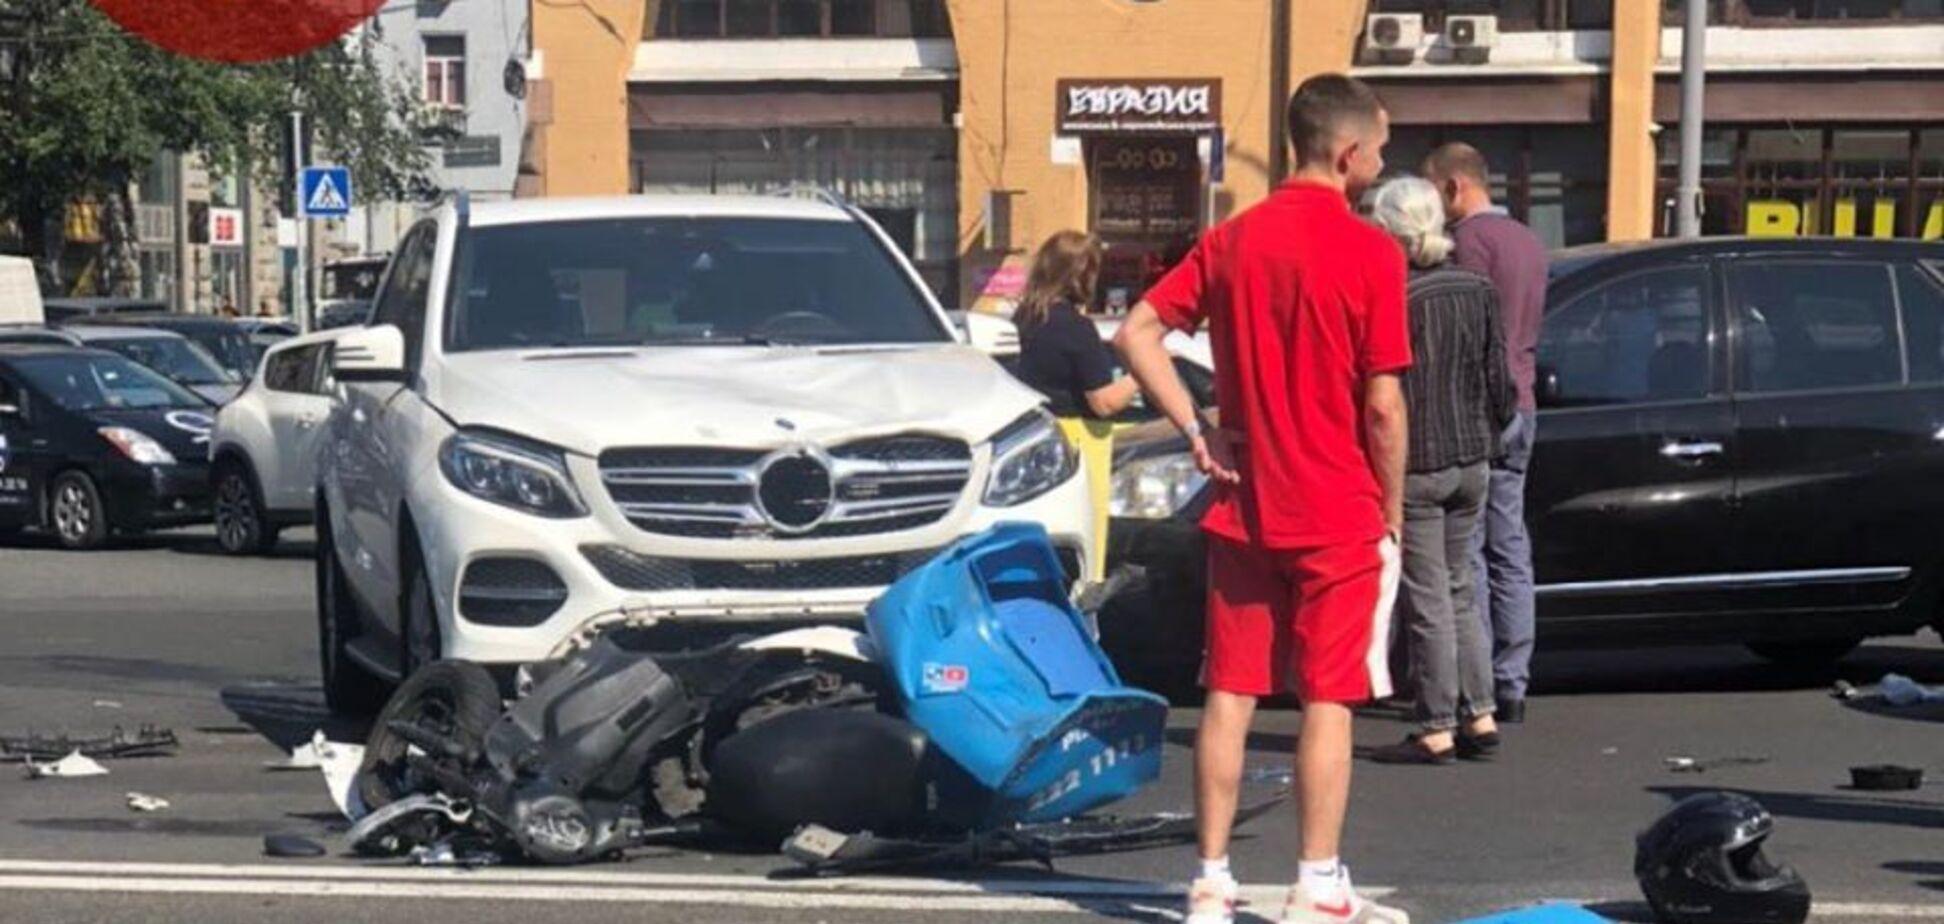 У центрі Києва зіткнулись два авто і скутерпіцеріїDomino's